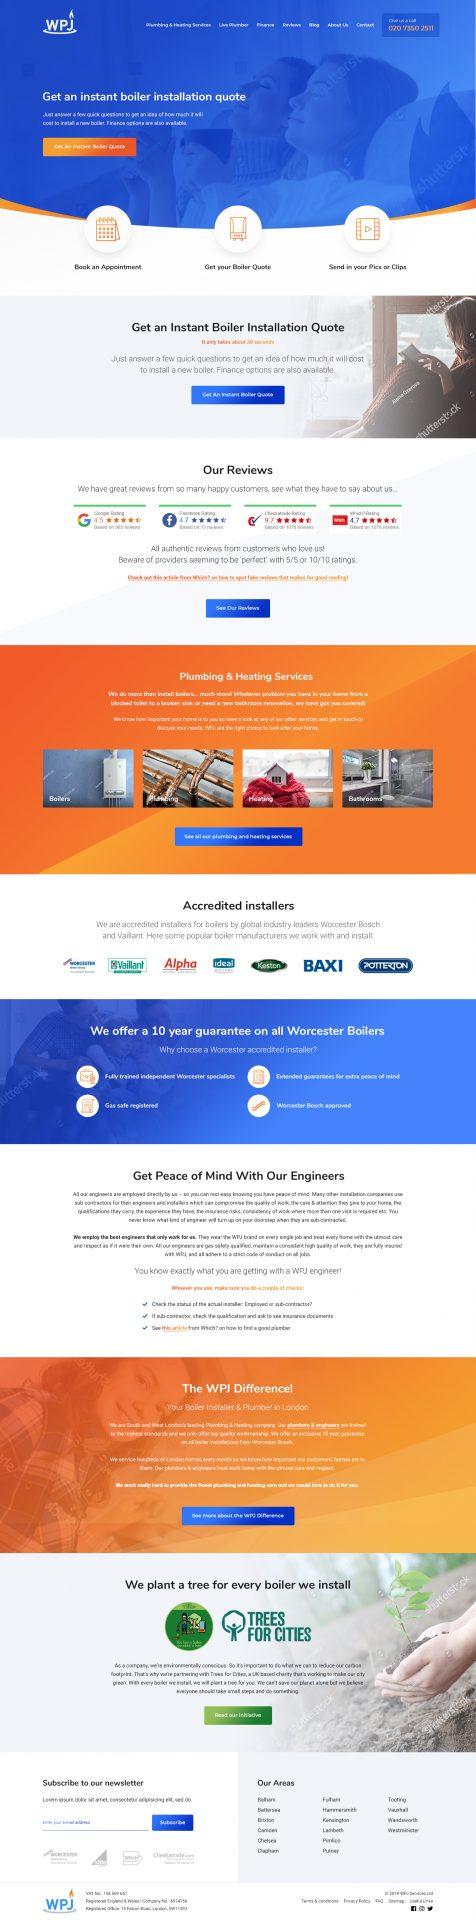 WPJ Heating WordPress Website by Cude Design